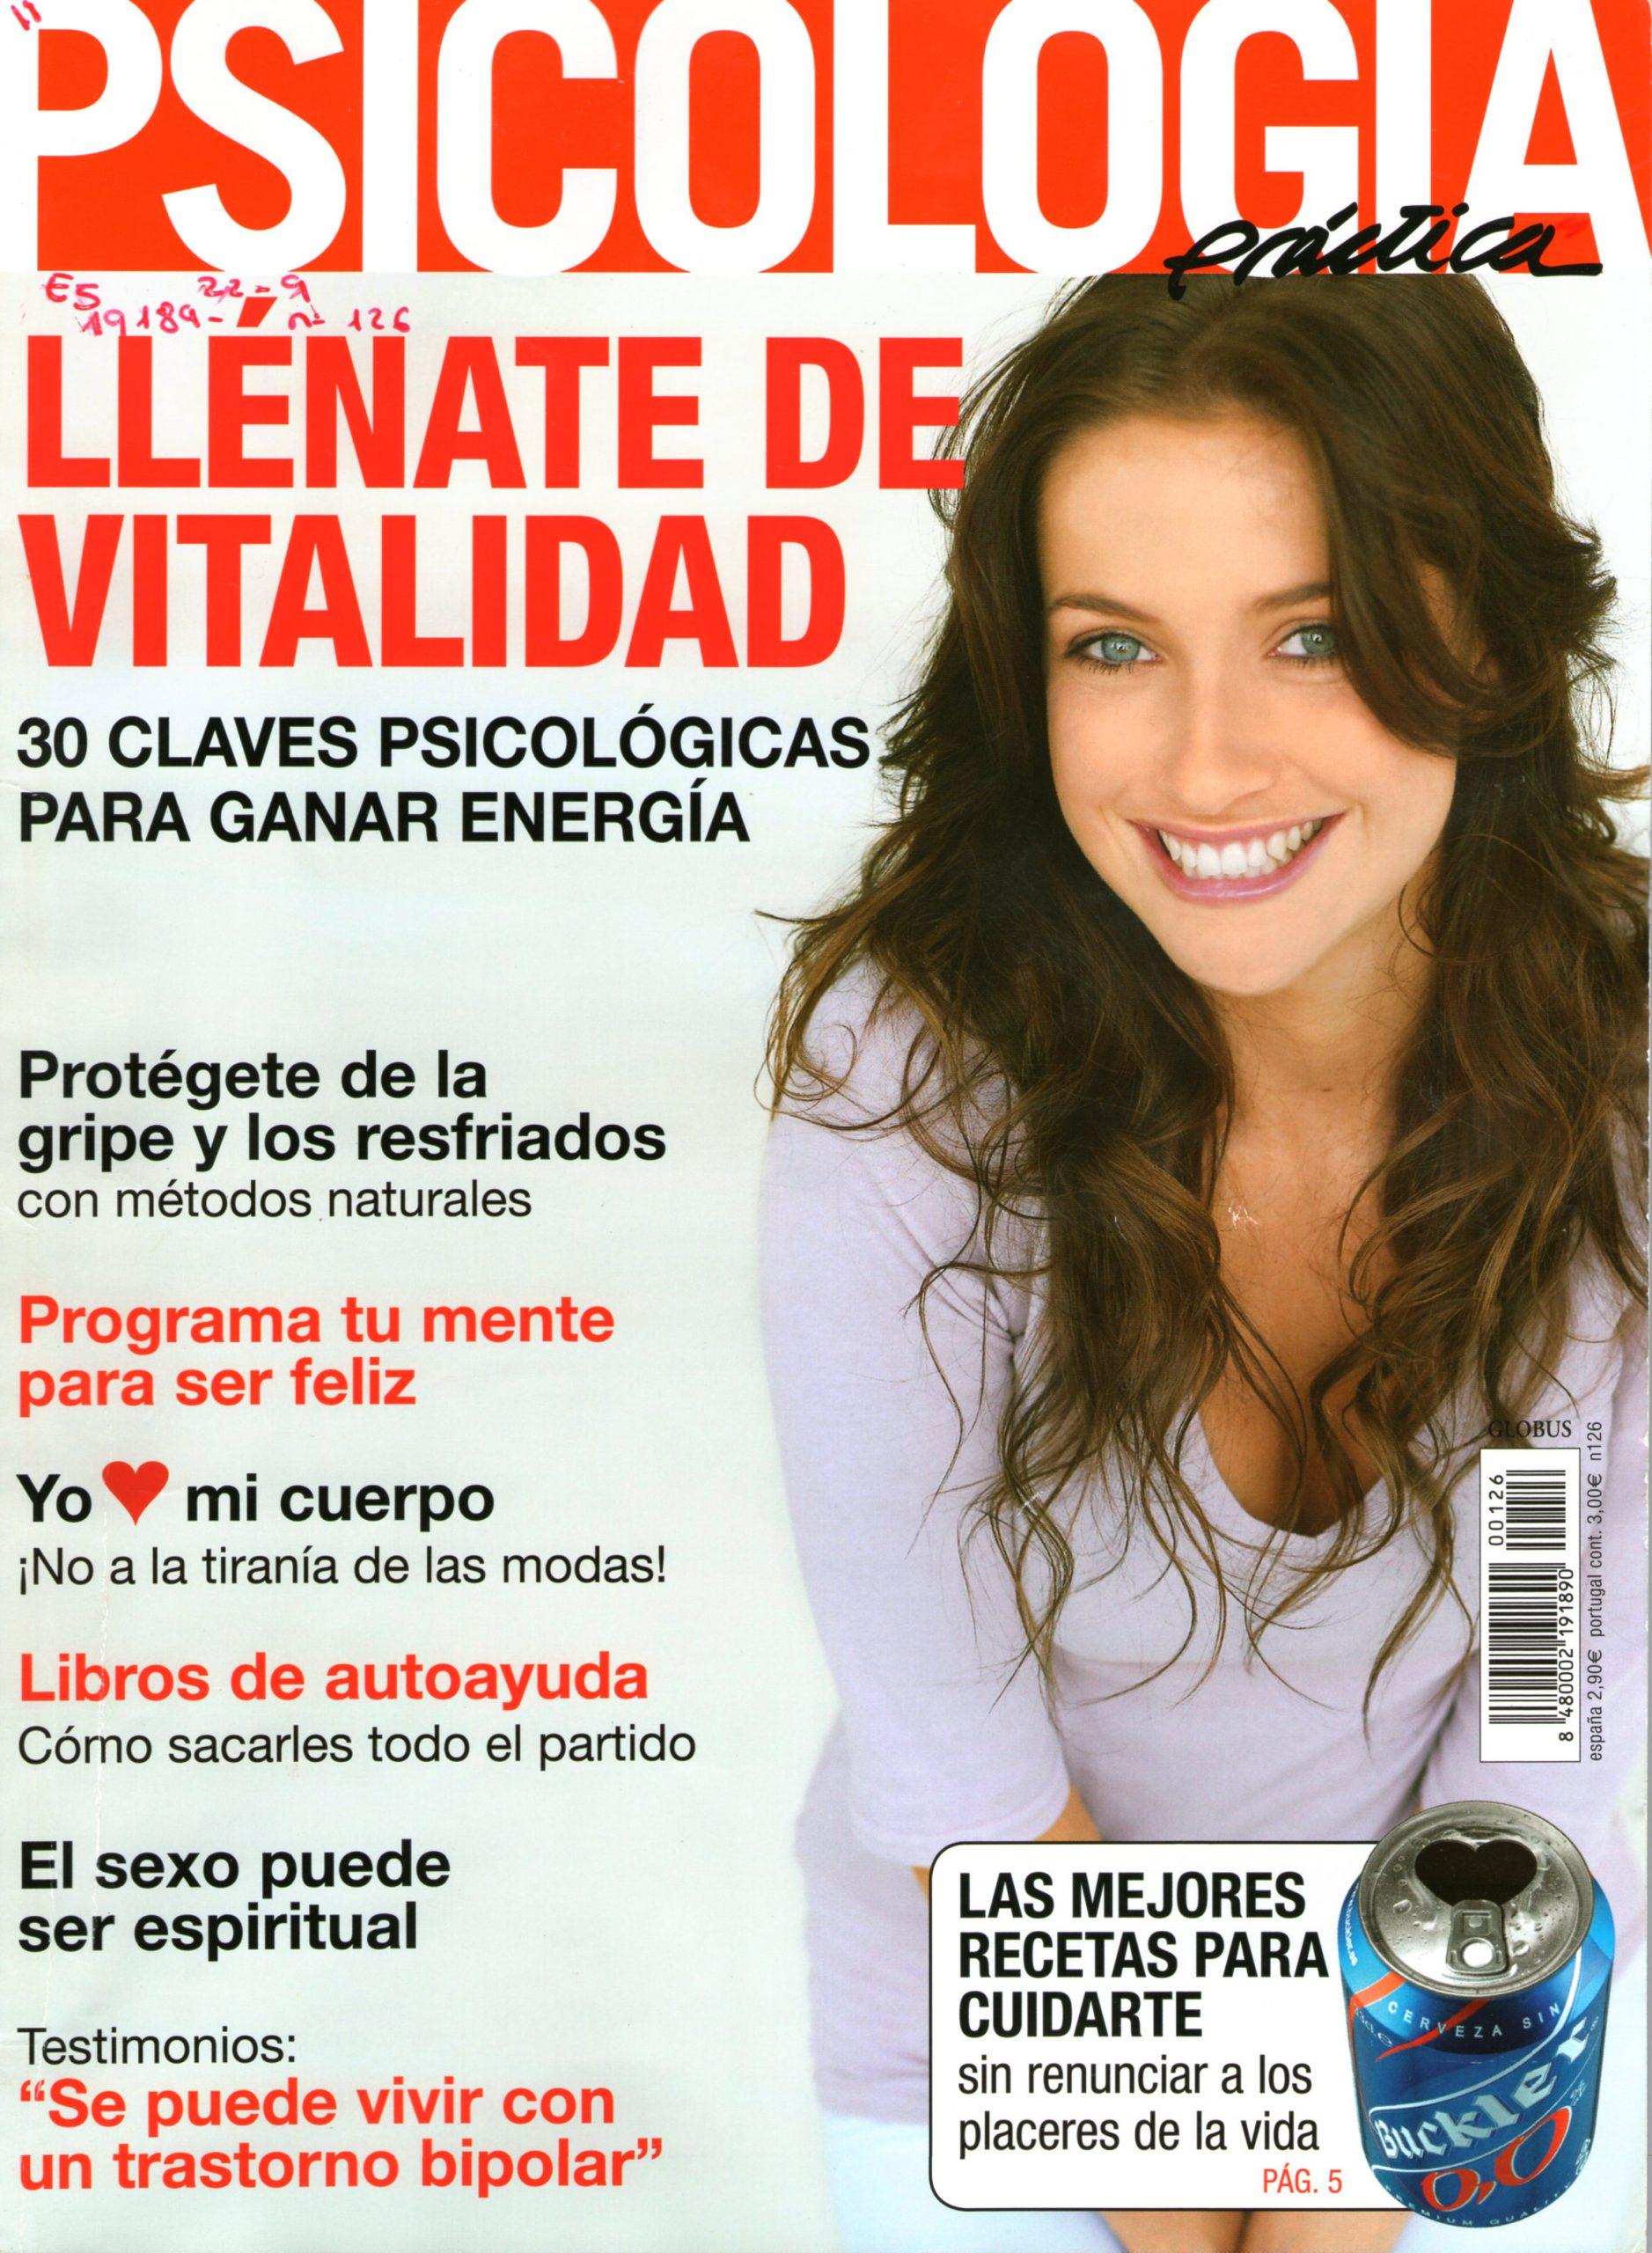 PSICOLOGÍA-PRÁCTICA-3-2008-STOP-al-manipulador-portada-Mar-Cantero-Sánchez